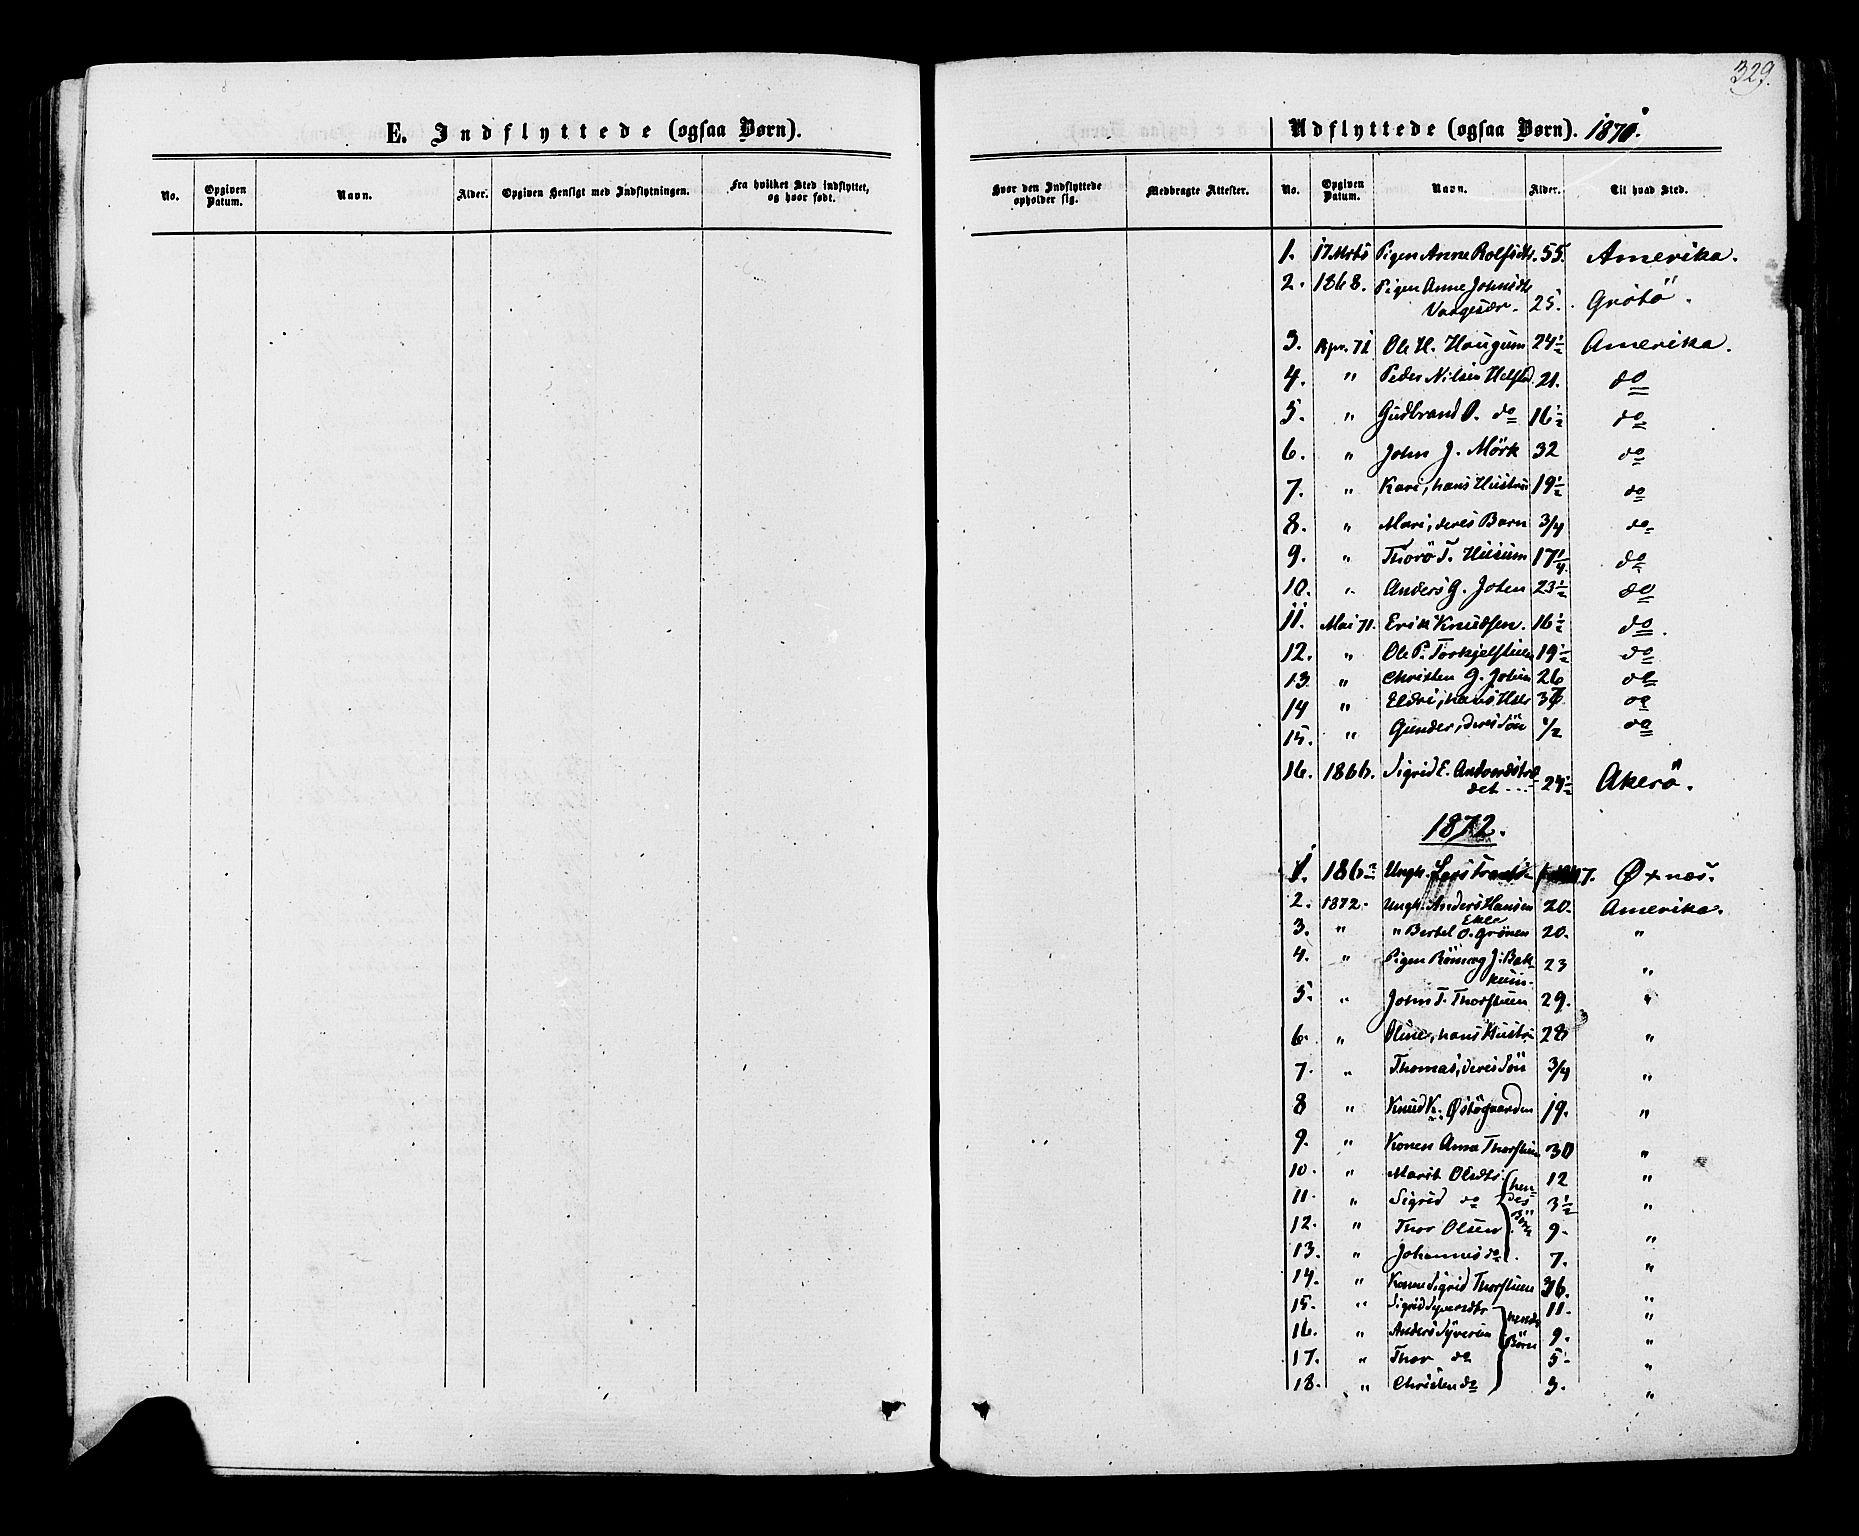 SAH, Lom prestekontor, K/L0007: Ministerialbok nr. 7, 1863-1884, s. 329